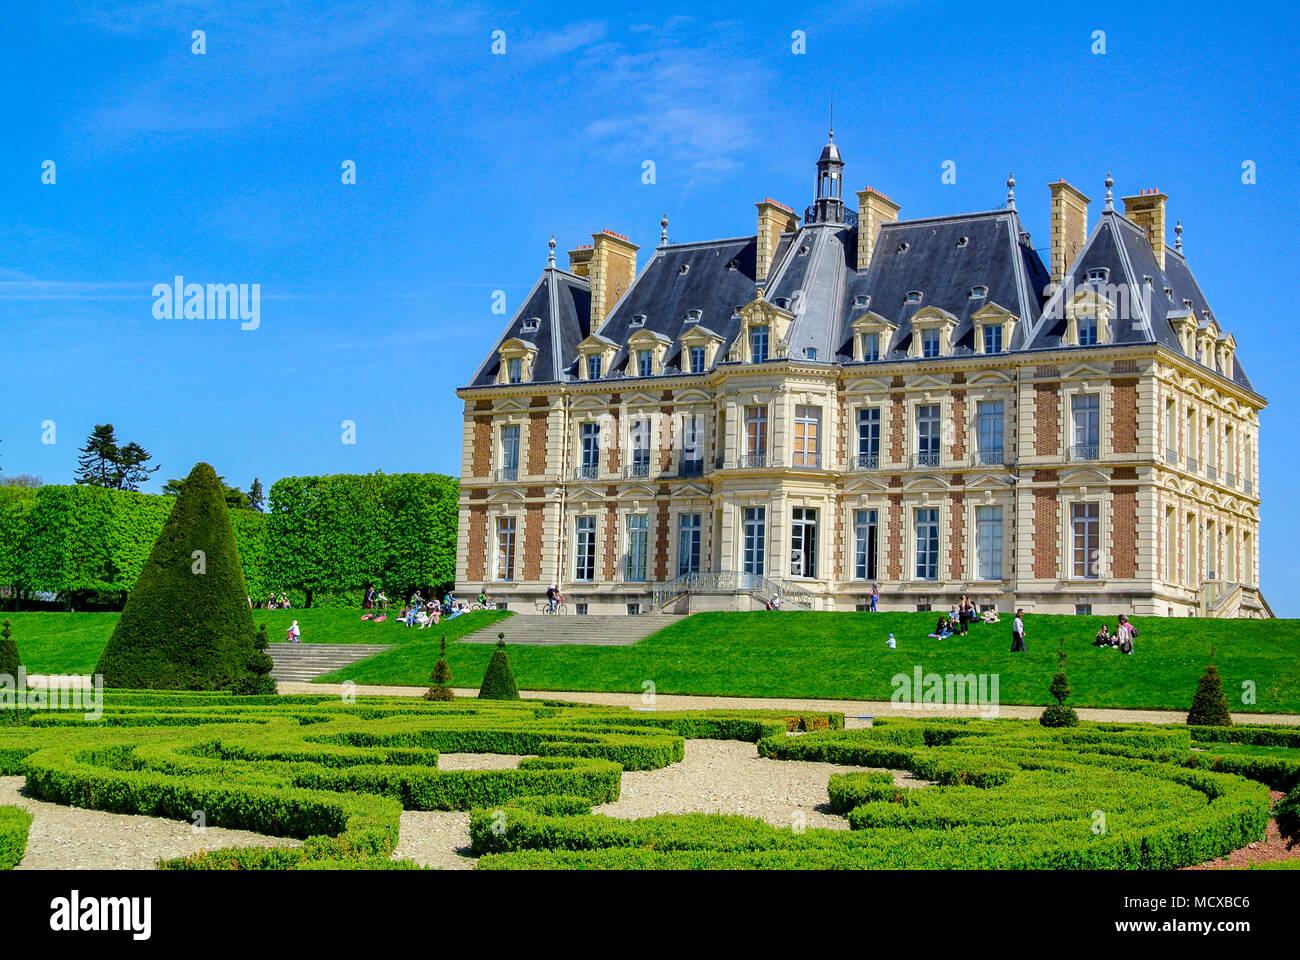 chateau-de-sceux-a-castle-inside-parc-de-sceaux-haut-de-seine-france-MCXBC6.jpg